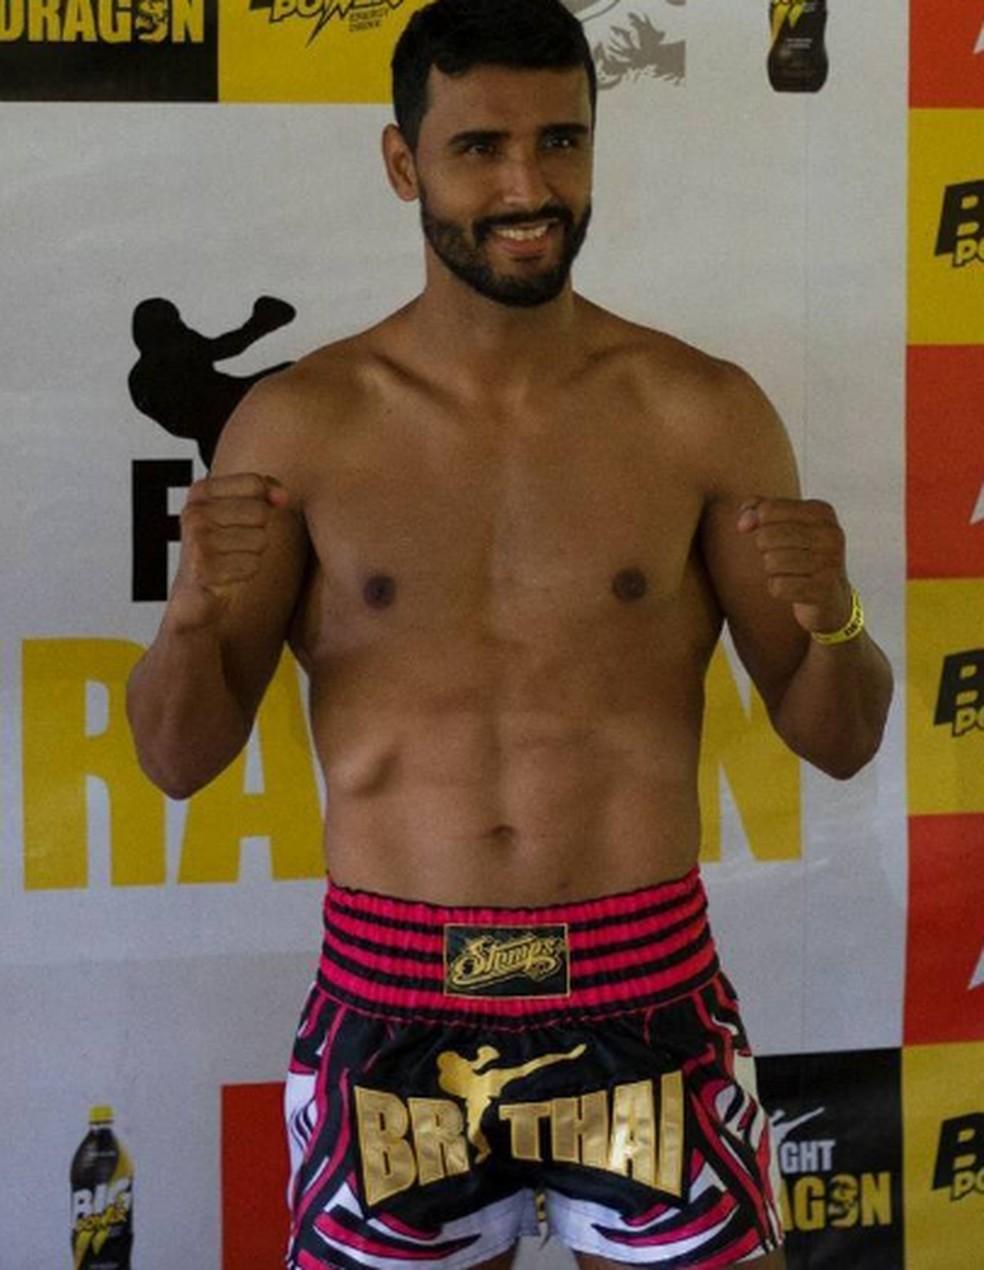 Rafael Beiton morreu após luta em Mogi das Cruzes.  — Foto: Reprodução/Facebook